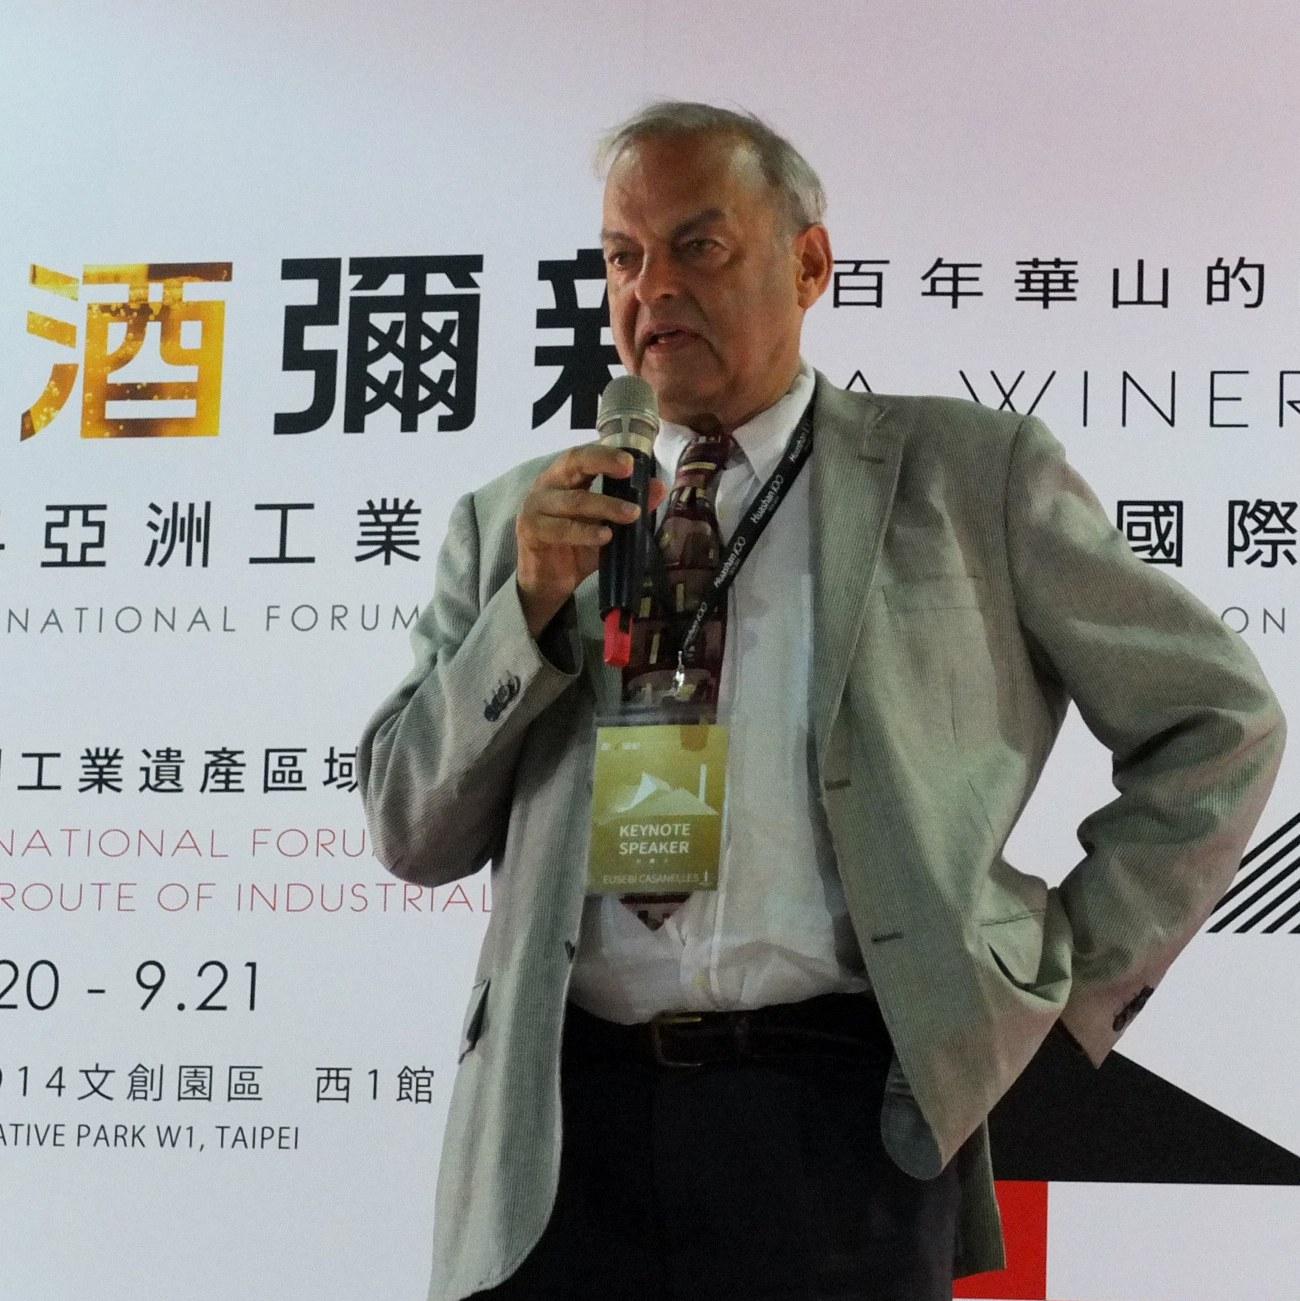 2014 亞洲工業遺產保存國際論壇暨華山 100 創意展